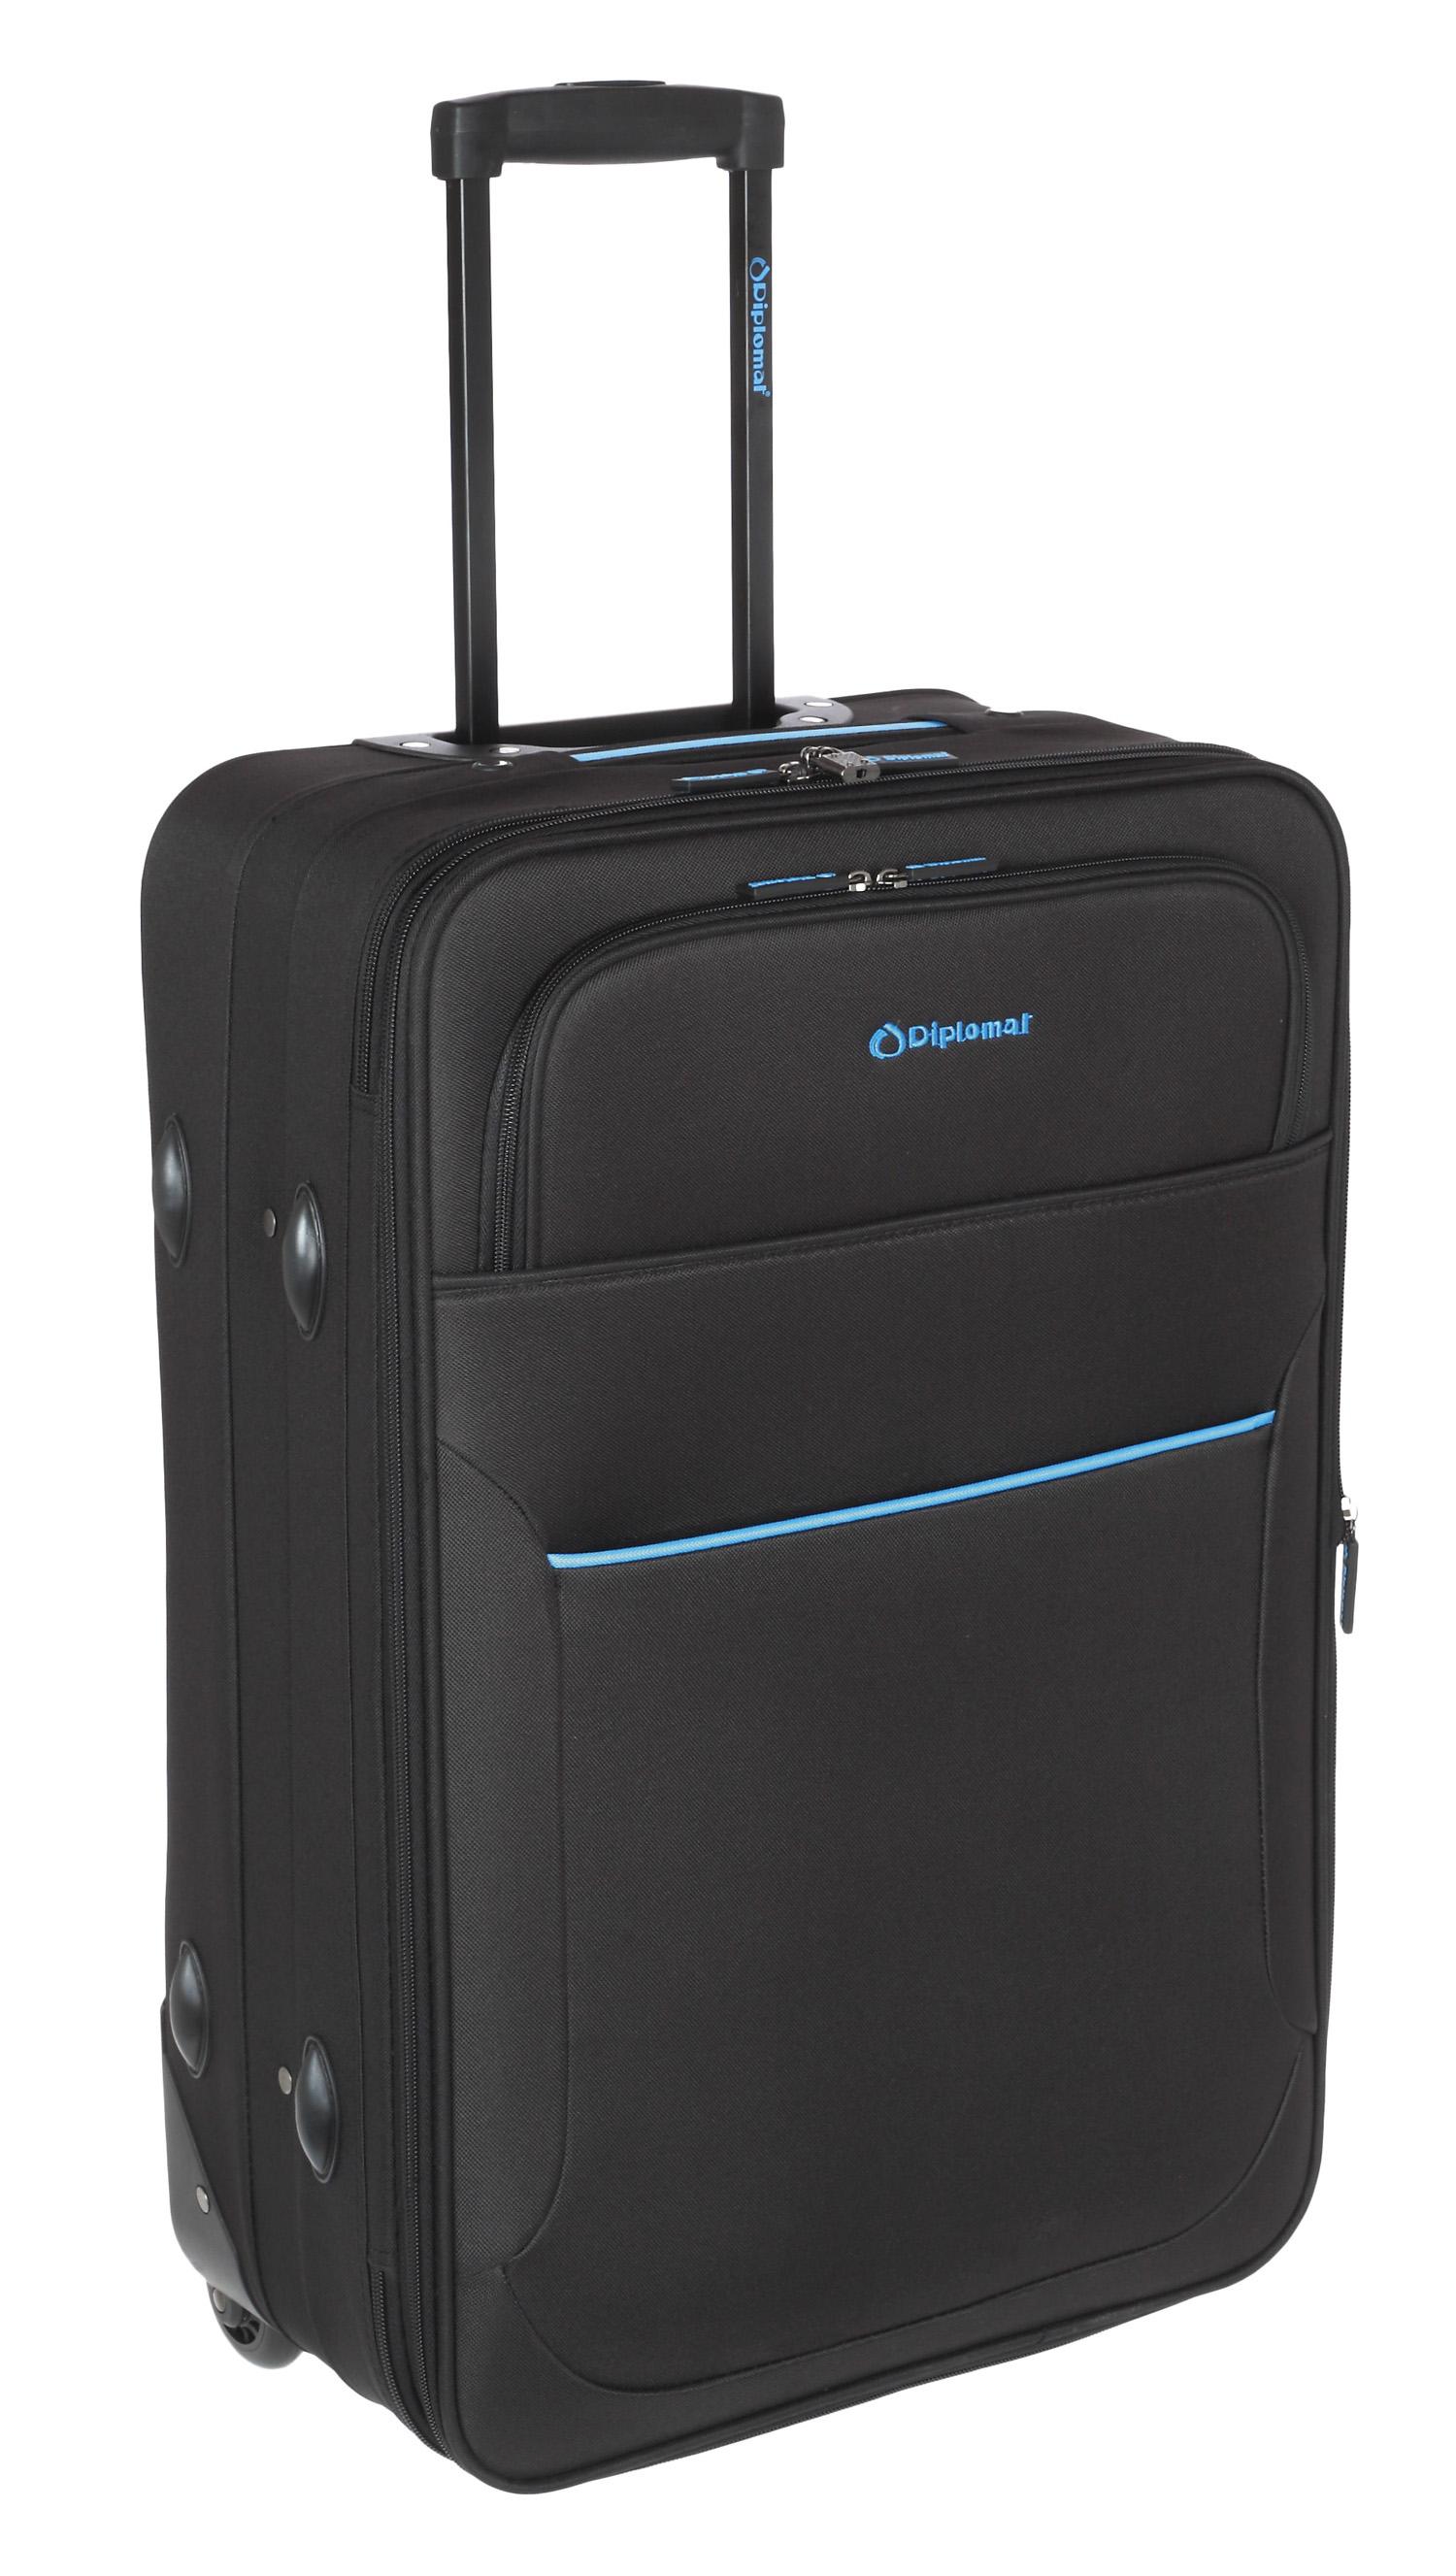 Βαλίτσα τρόλεϊ 61εκ. Diplomat ZC 3001-61 Μαυρο ειδη ταξιδιου   βαλίτσες   βαλίτσες   βαλίτσες μεσαίου μεγέθους